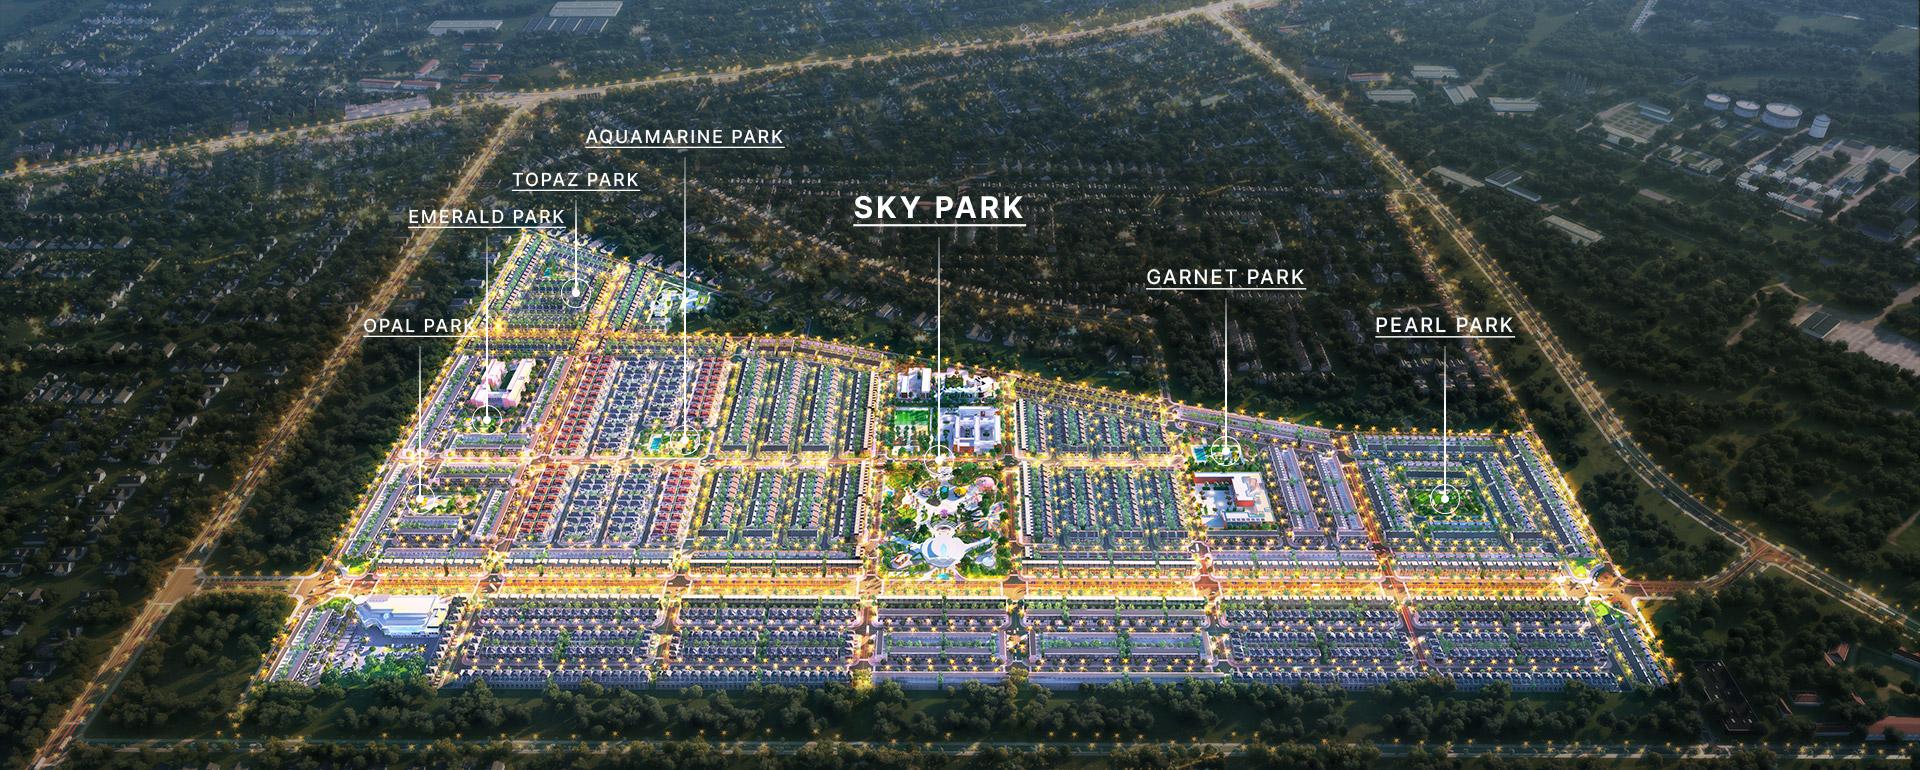 Dự án với 5 phân khu chức năng gồm đất ở, đất giáo dục, đất thương mại, đất công viên cây xanh và hạ tầng giao thông… với 3 loại hình sản phẩm chính: Nhà liên kế phố, nhà liên kế vườn và nhà phố shophouse thương mại. Theo nhận định của các chuyên gia trong ngành đánh giá dự án Gem Sky World sẽ không ngừng gia tăng giá trị và phát triển bền vững trong tương lai gần và sẻ là tâm điểm của thị trường trong thời điểm hiện tại.